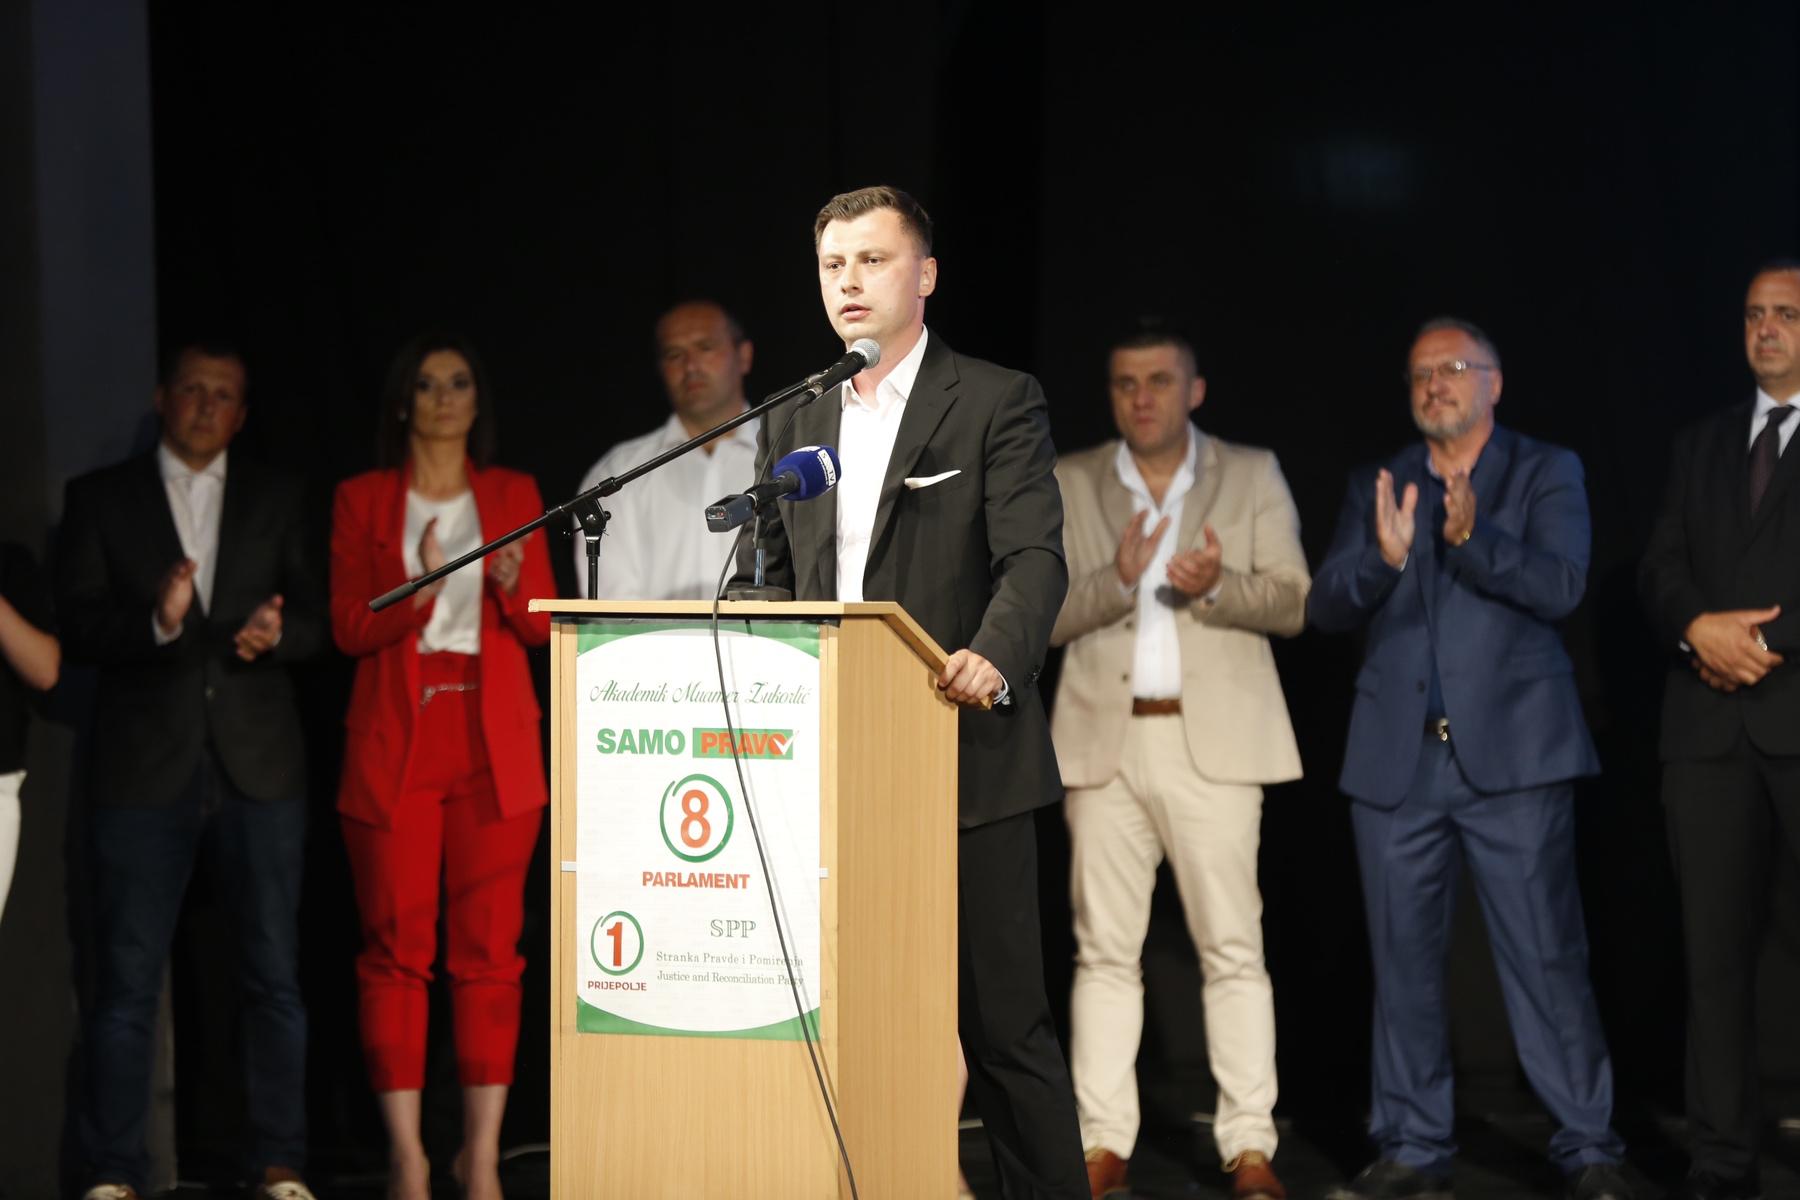 1592165409298893 - Završni miting u Prijepolju – SPP je bedem vjere, kulture i identiteta